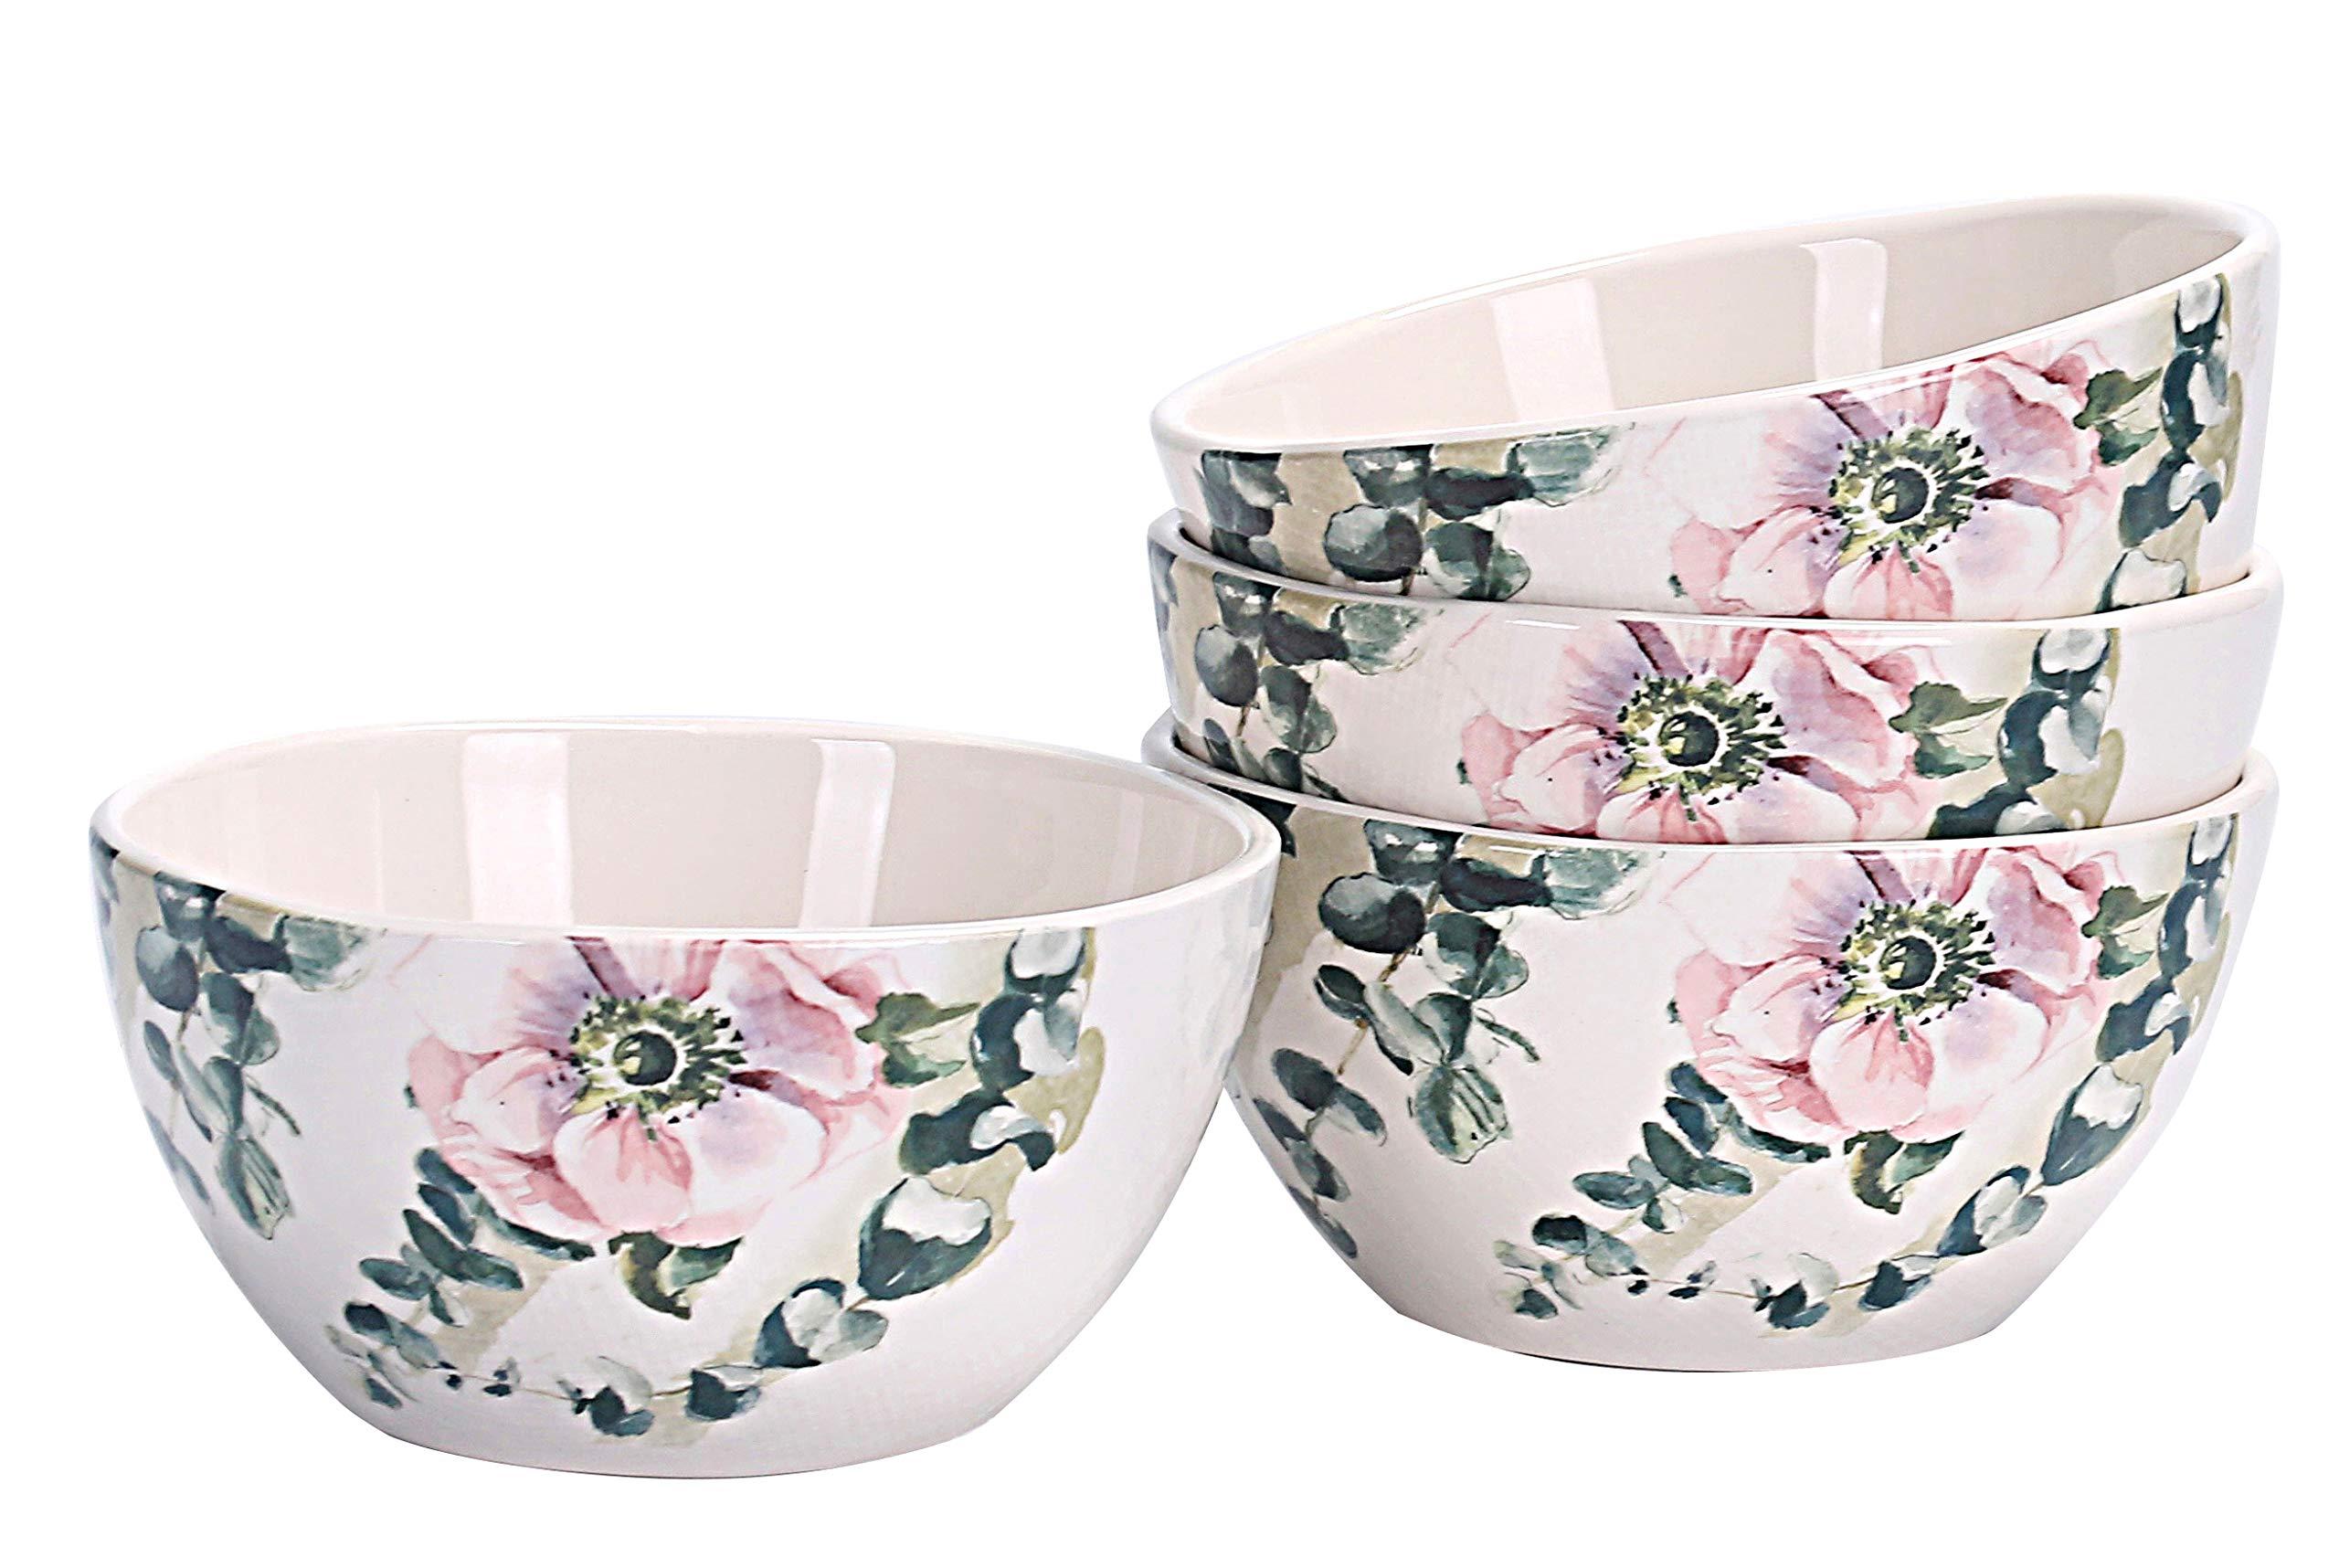 Bico Spring Eucalyptus Salad Bowls Set of 4, Ceramic, 26oz, for Pasta, Salad, Cereal, Soup & Microwave & Dishwasher Safe